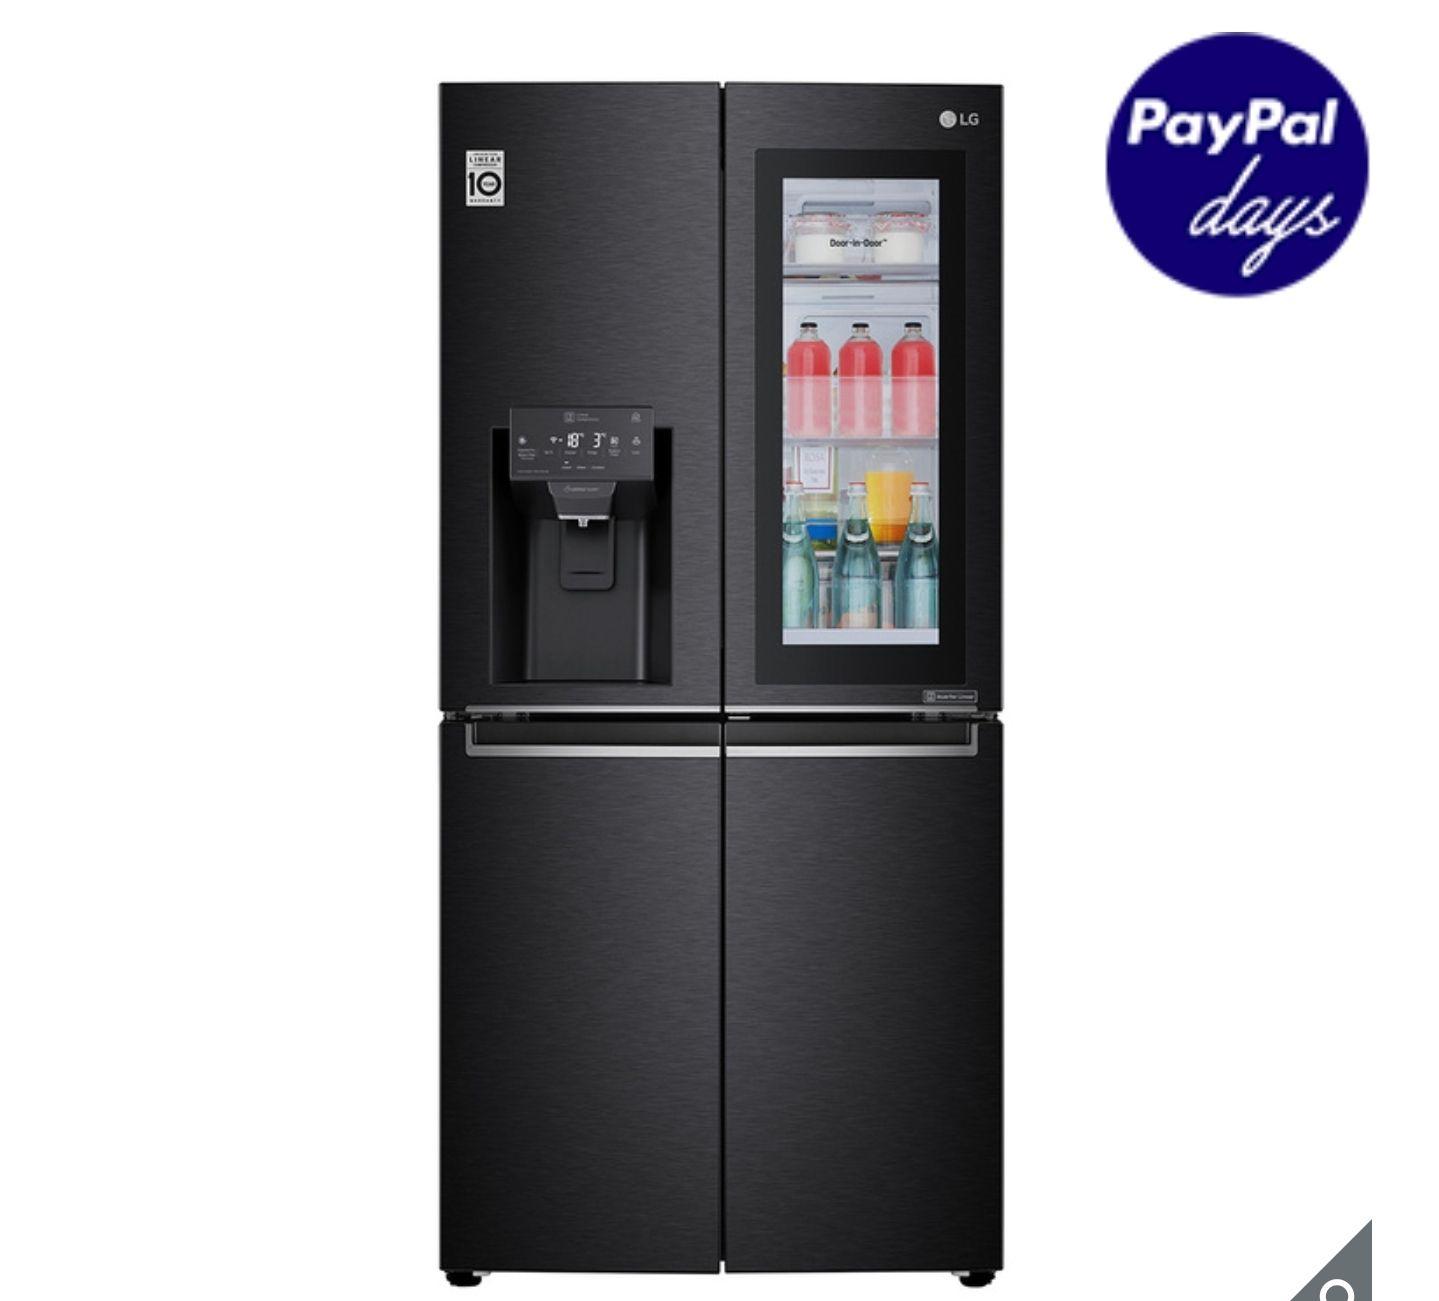 Costco: Refrigerador 18' French Door LG